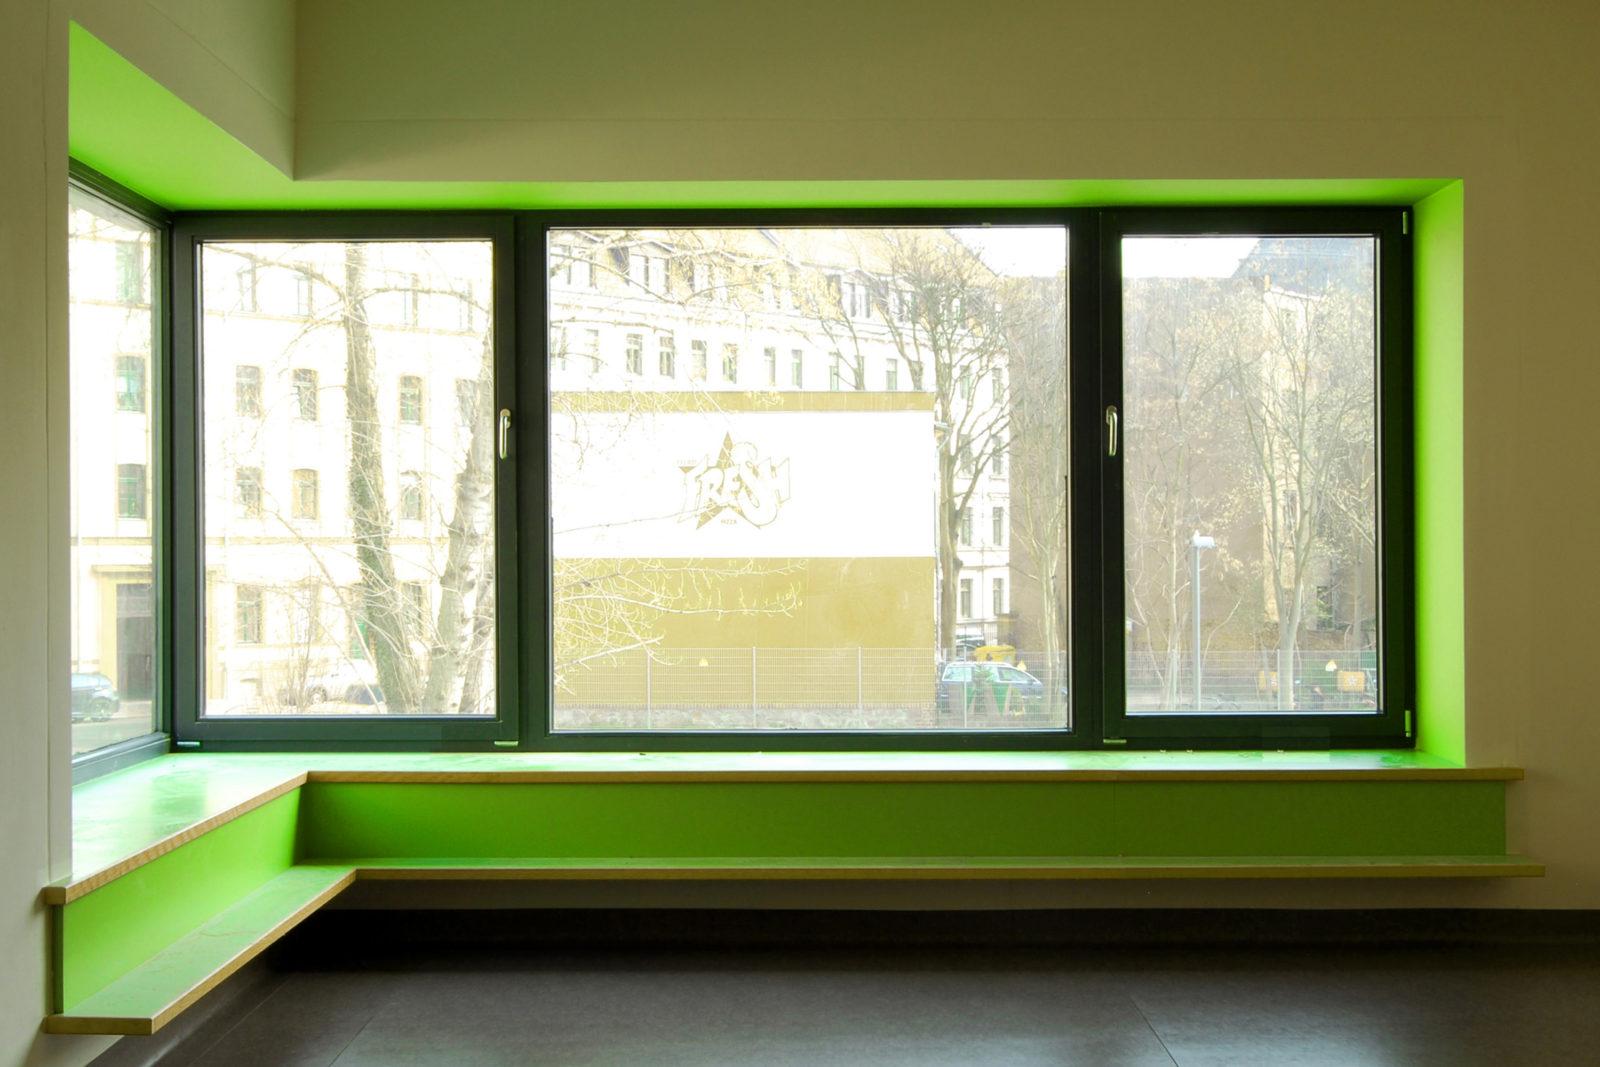 Neubau Kita Gleisstraße Leipzig, Plagwitz - Sitzmöbel in der Fensterlaibung